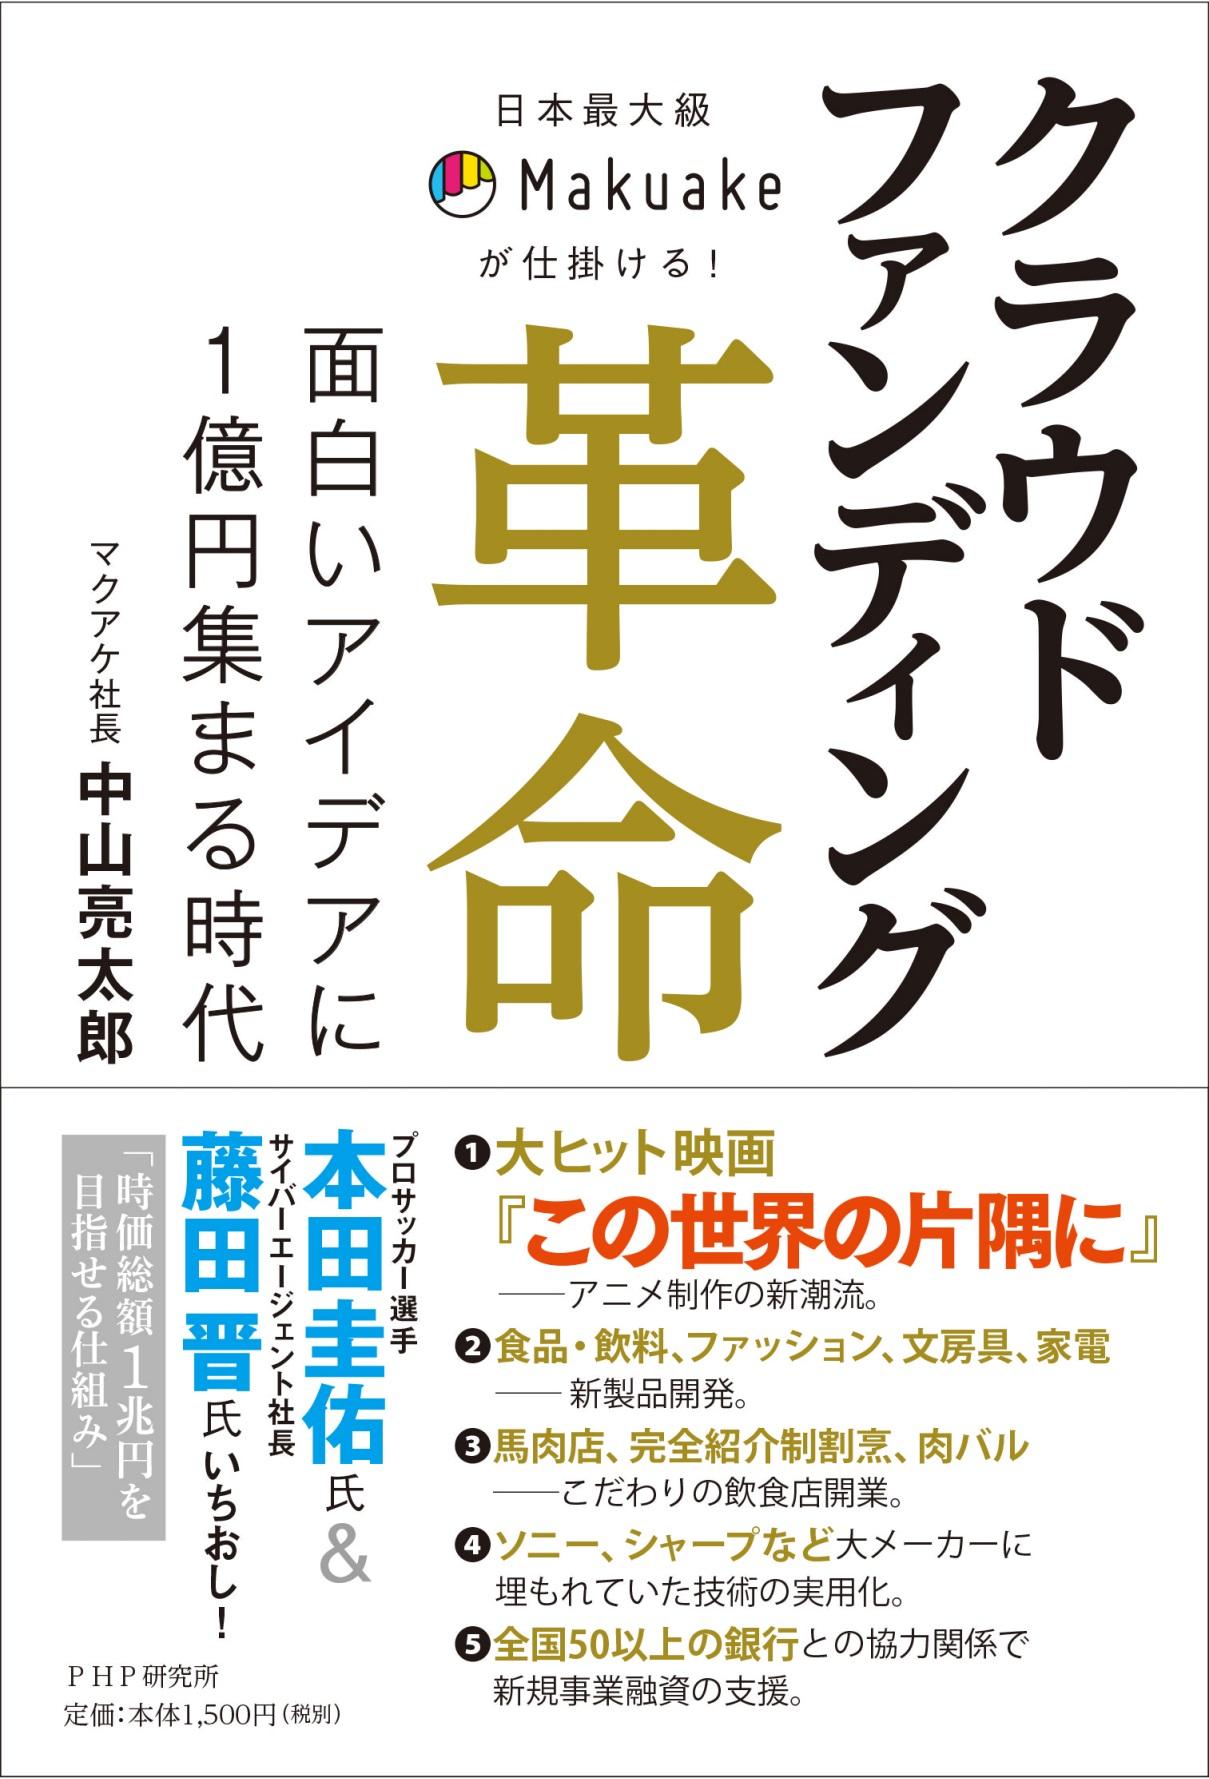 マクアケ社長 中山亮太郎さん トークセミナー